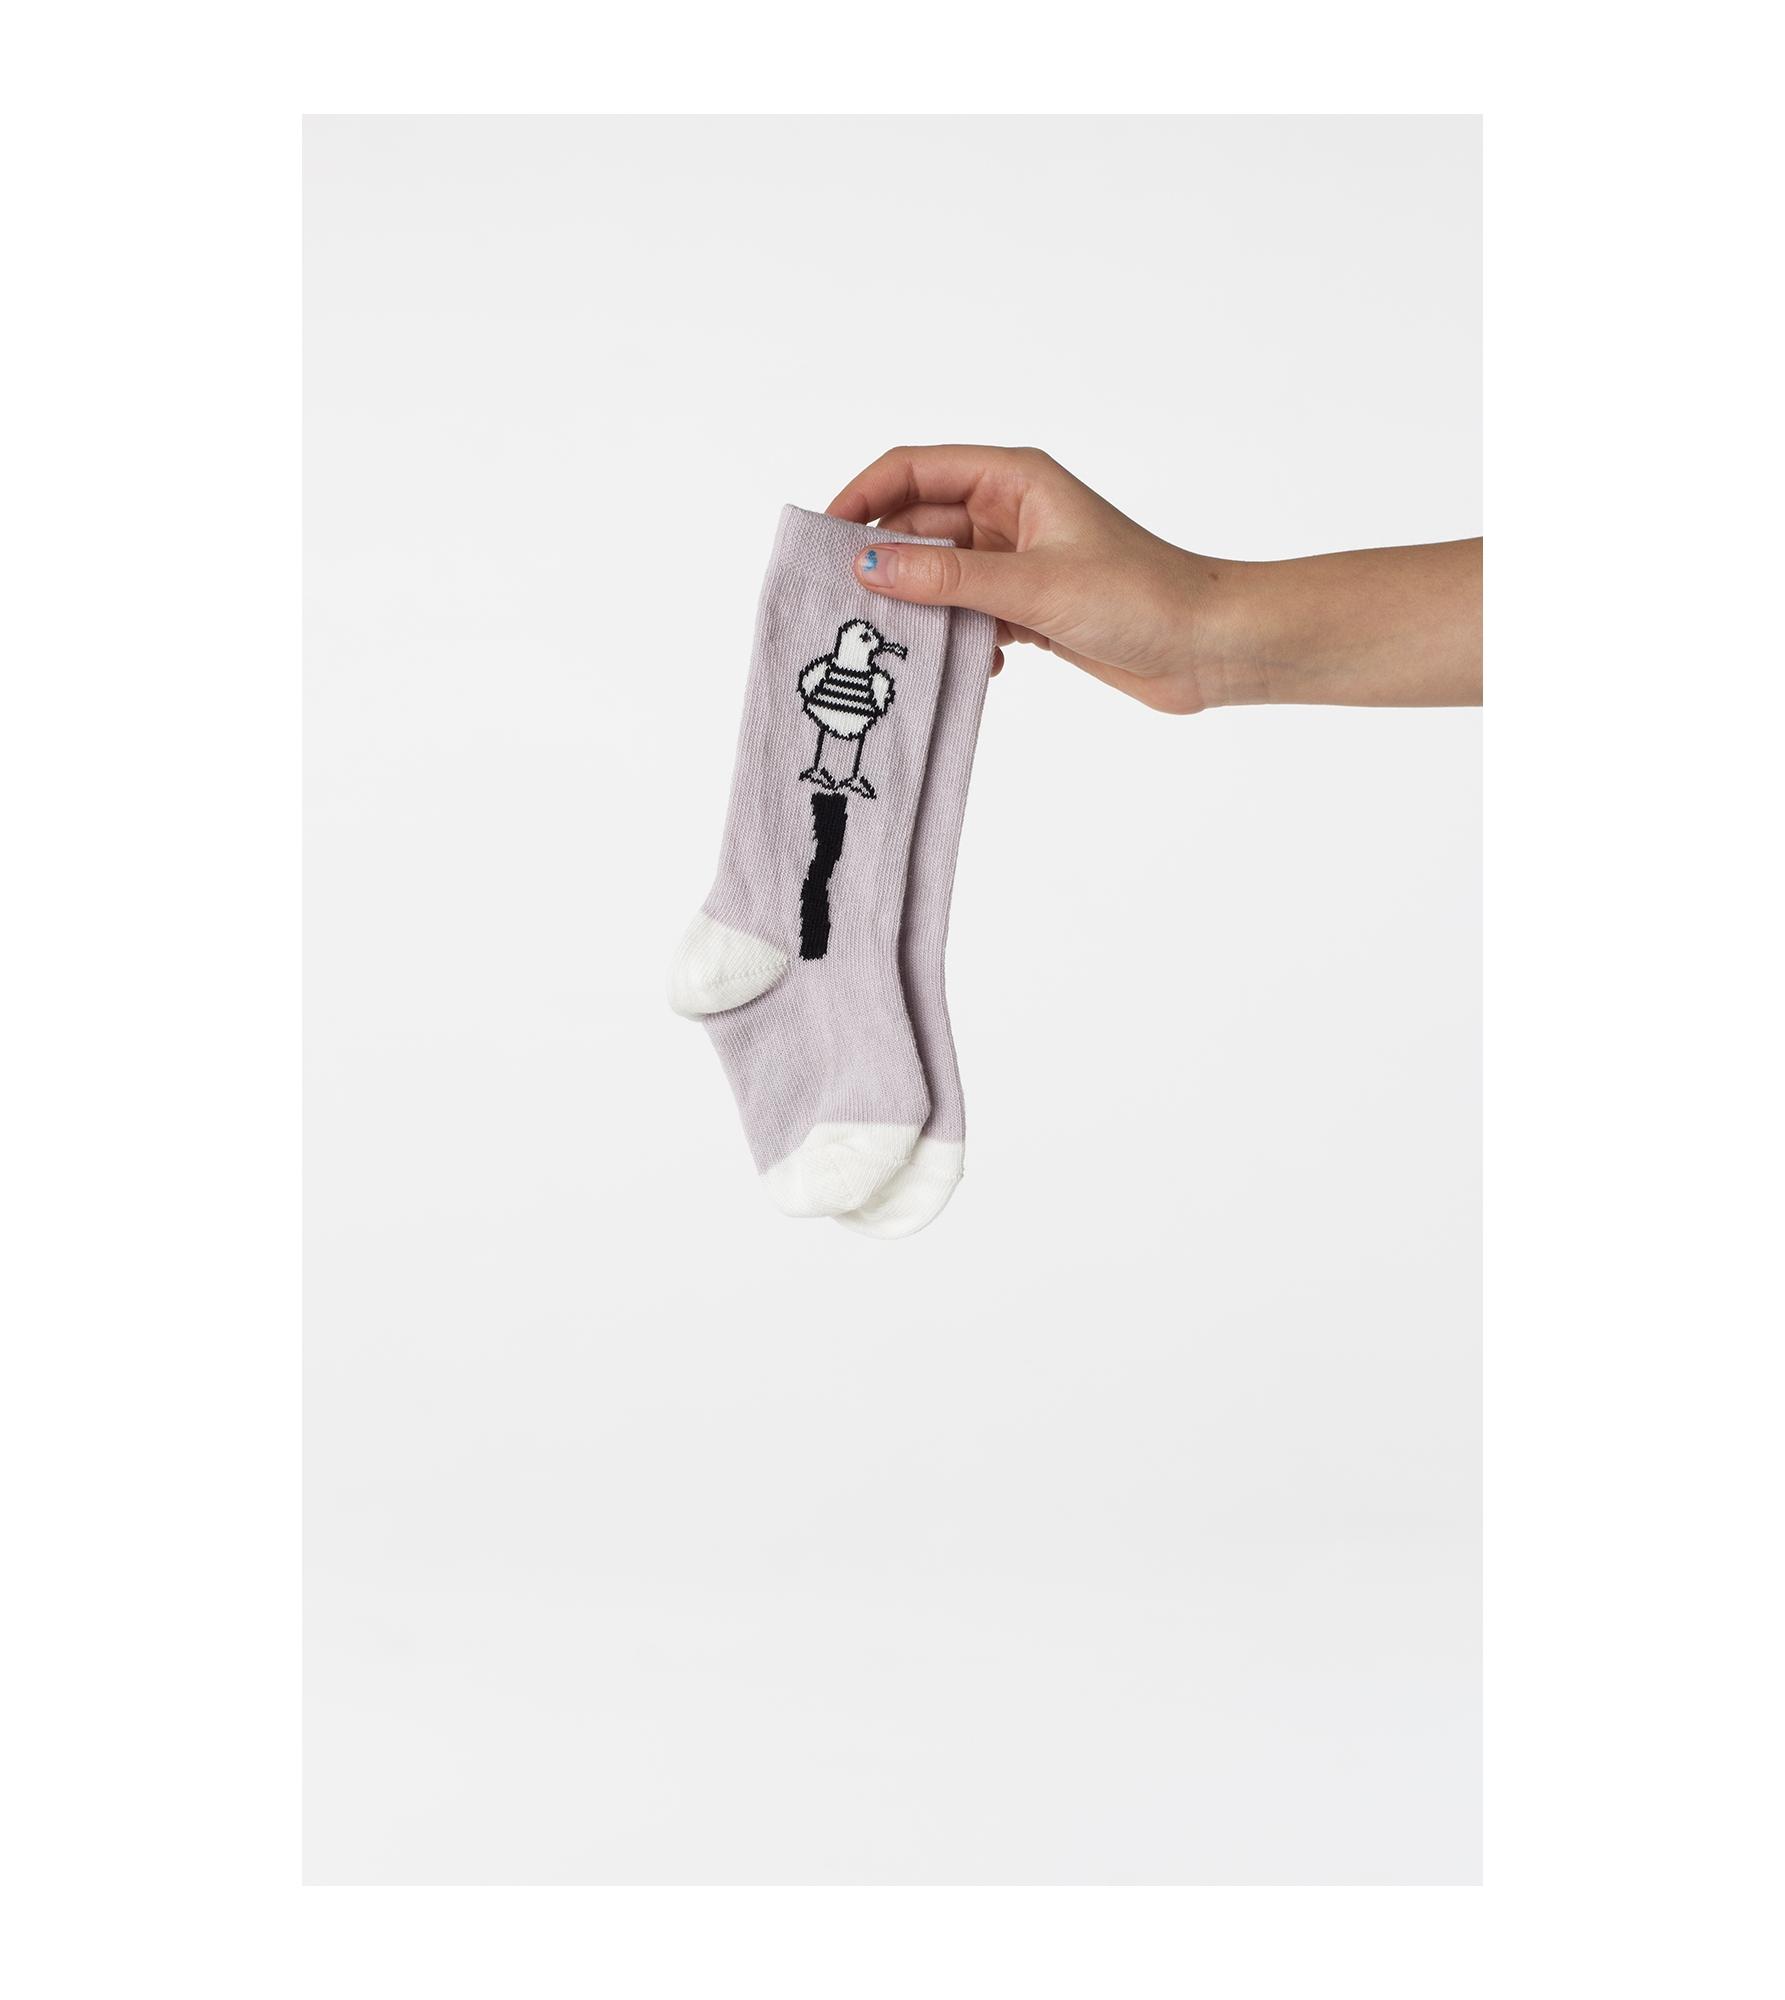 Braveling_Seagull Socks_flatshot.jpg